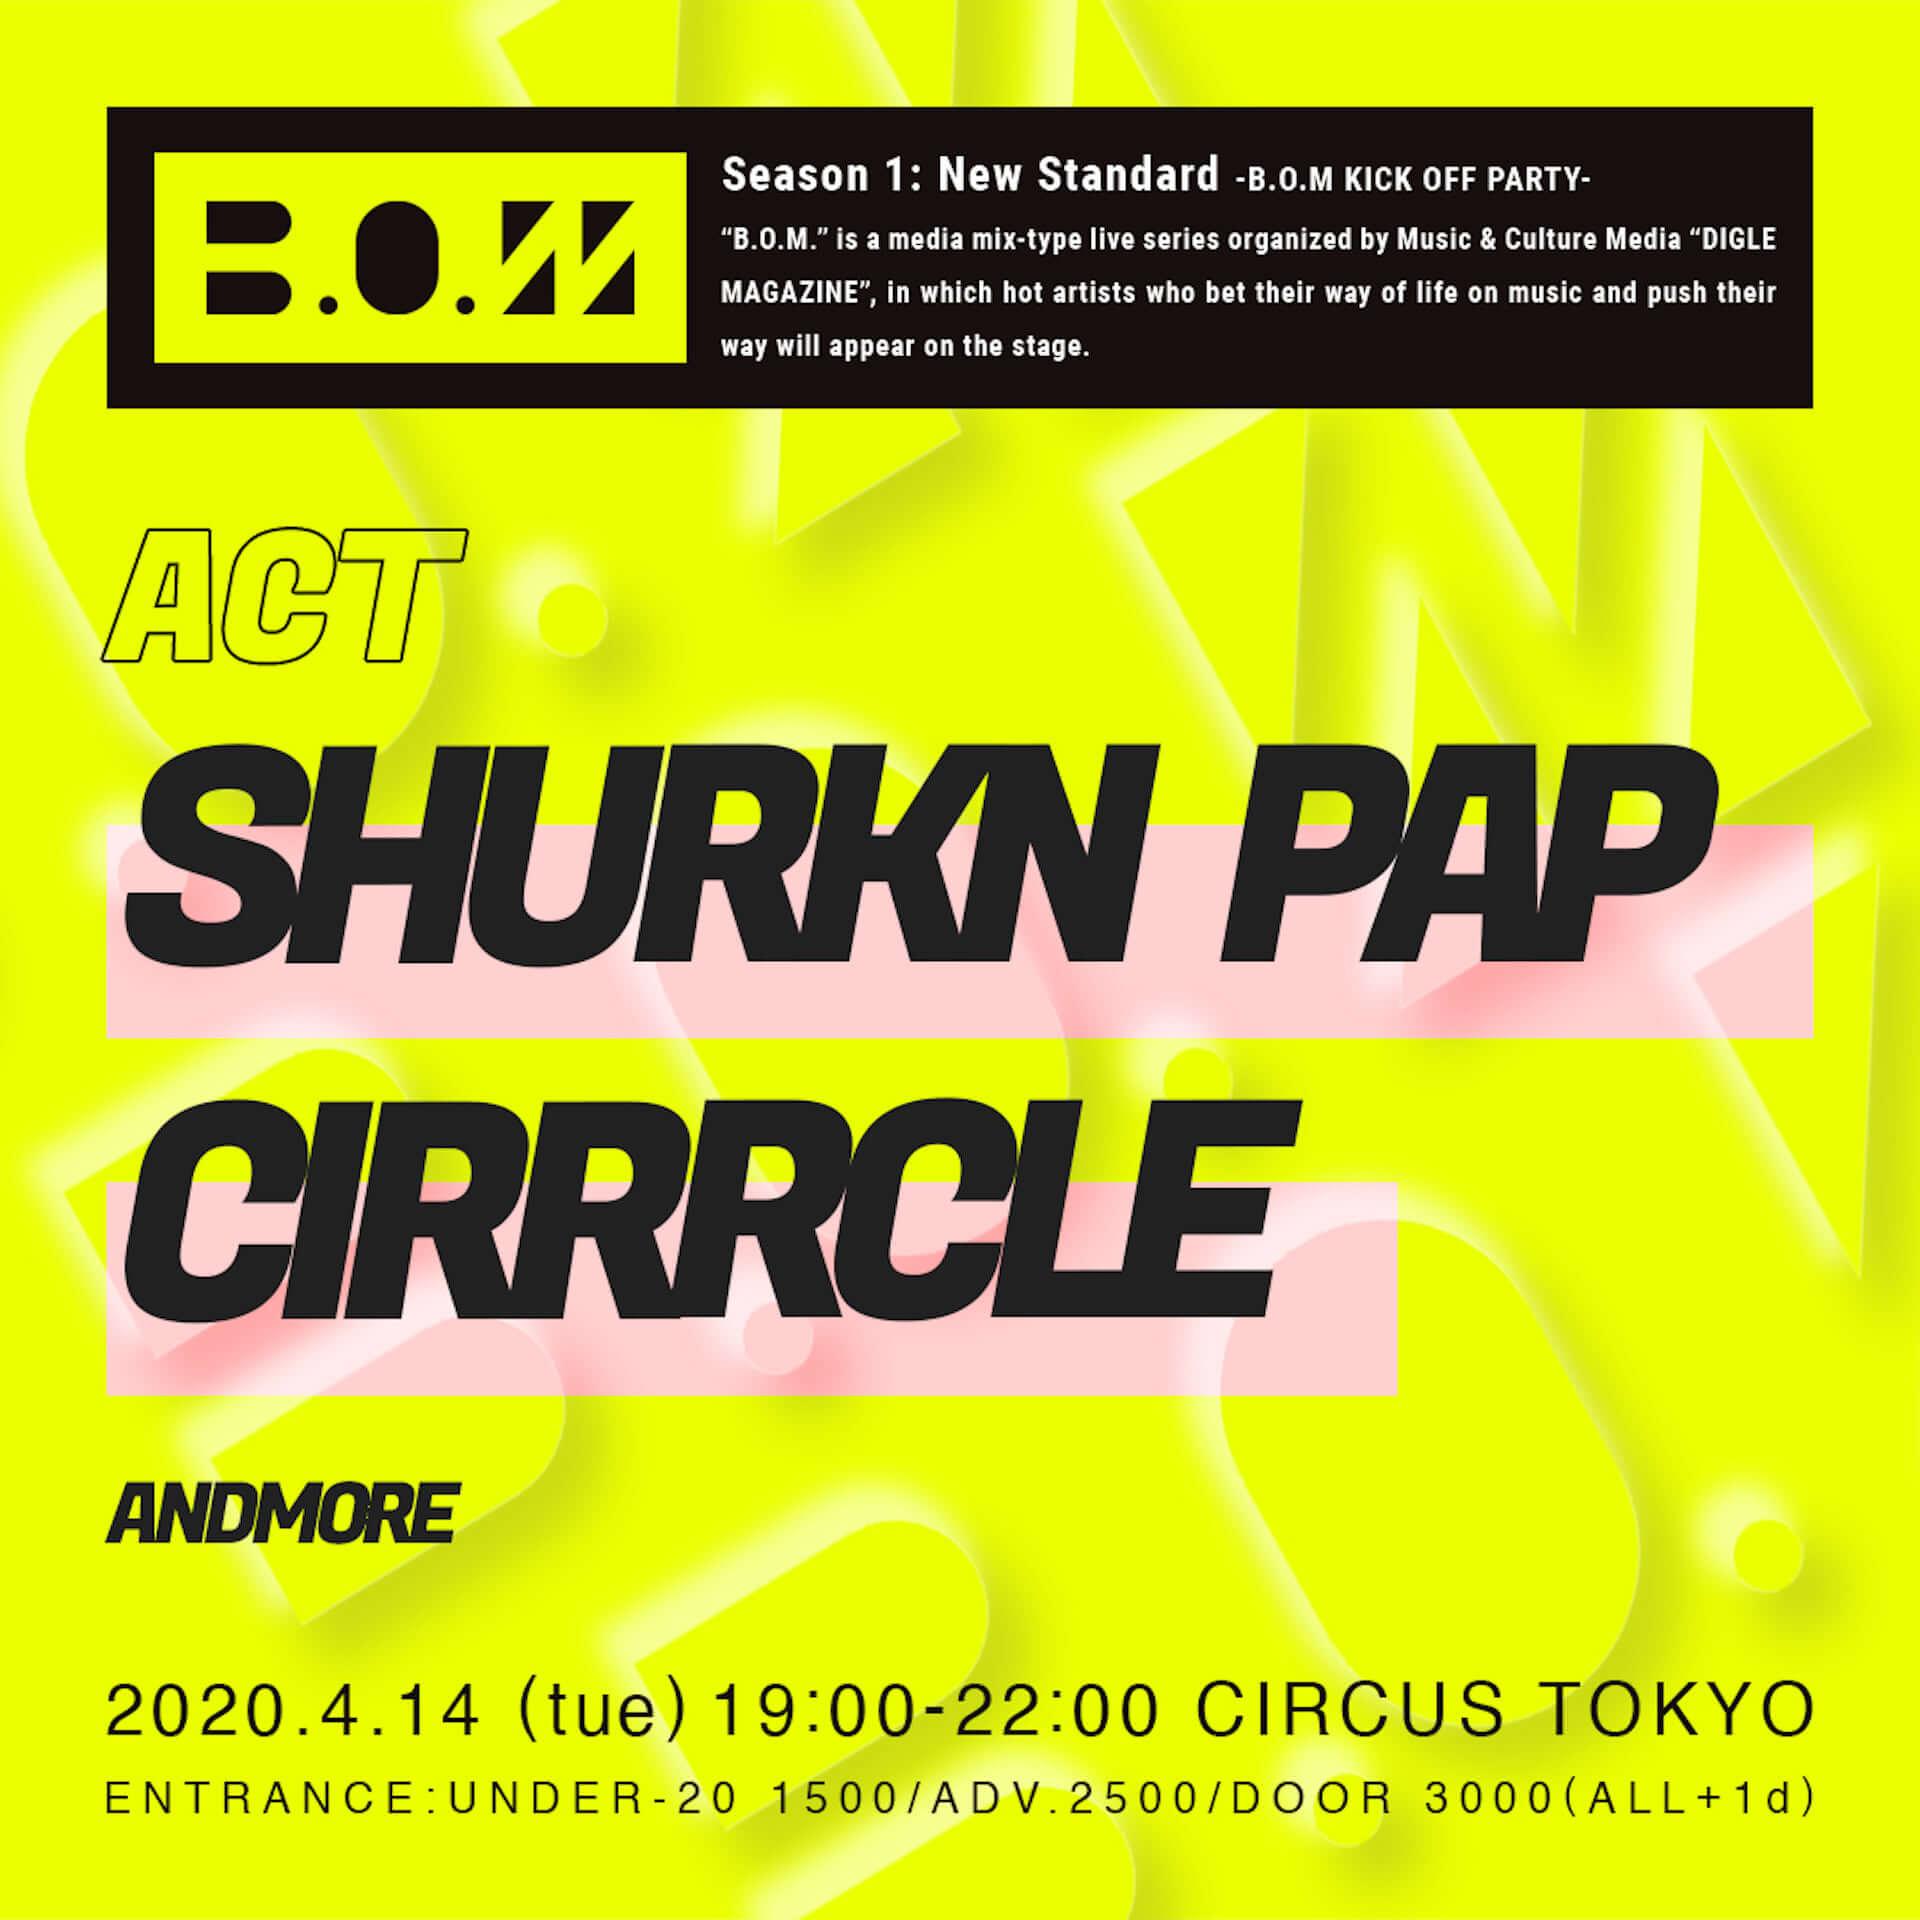 ストリートなイベント【東京】B.O.M Season 1:New Standard -B.O.M Kick Off Party- Shurkn Pap、CIRRRCLEが出演!